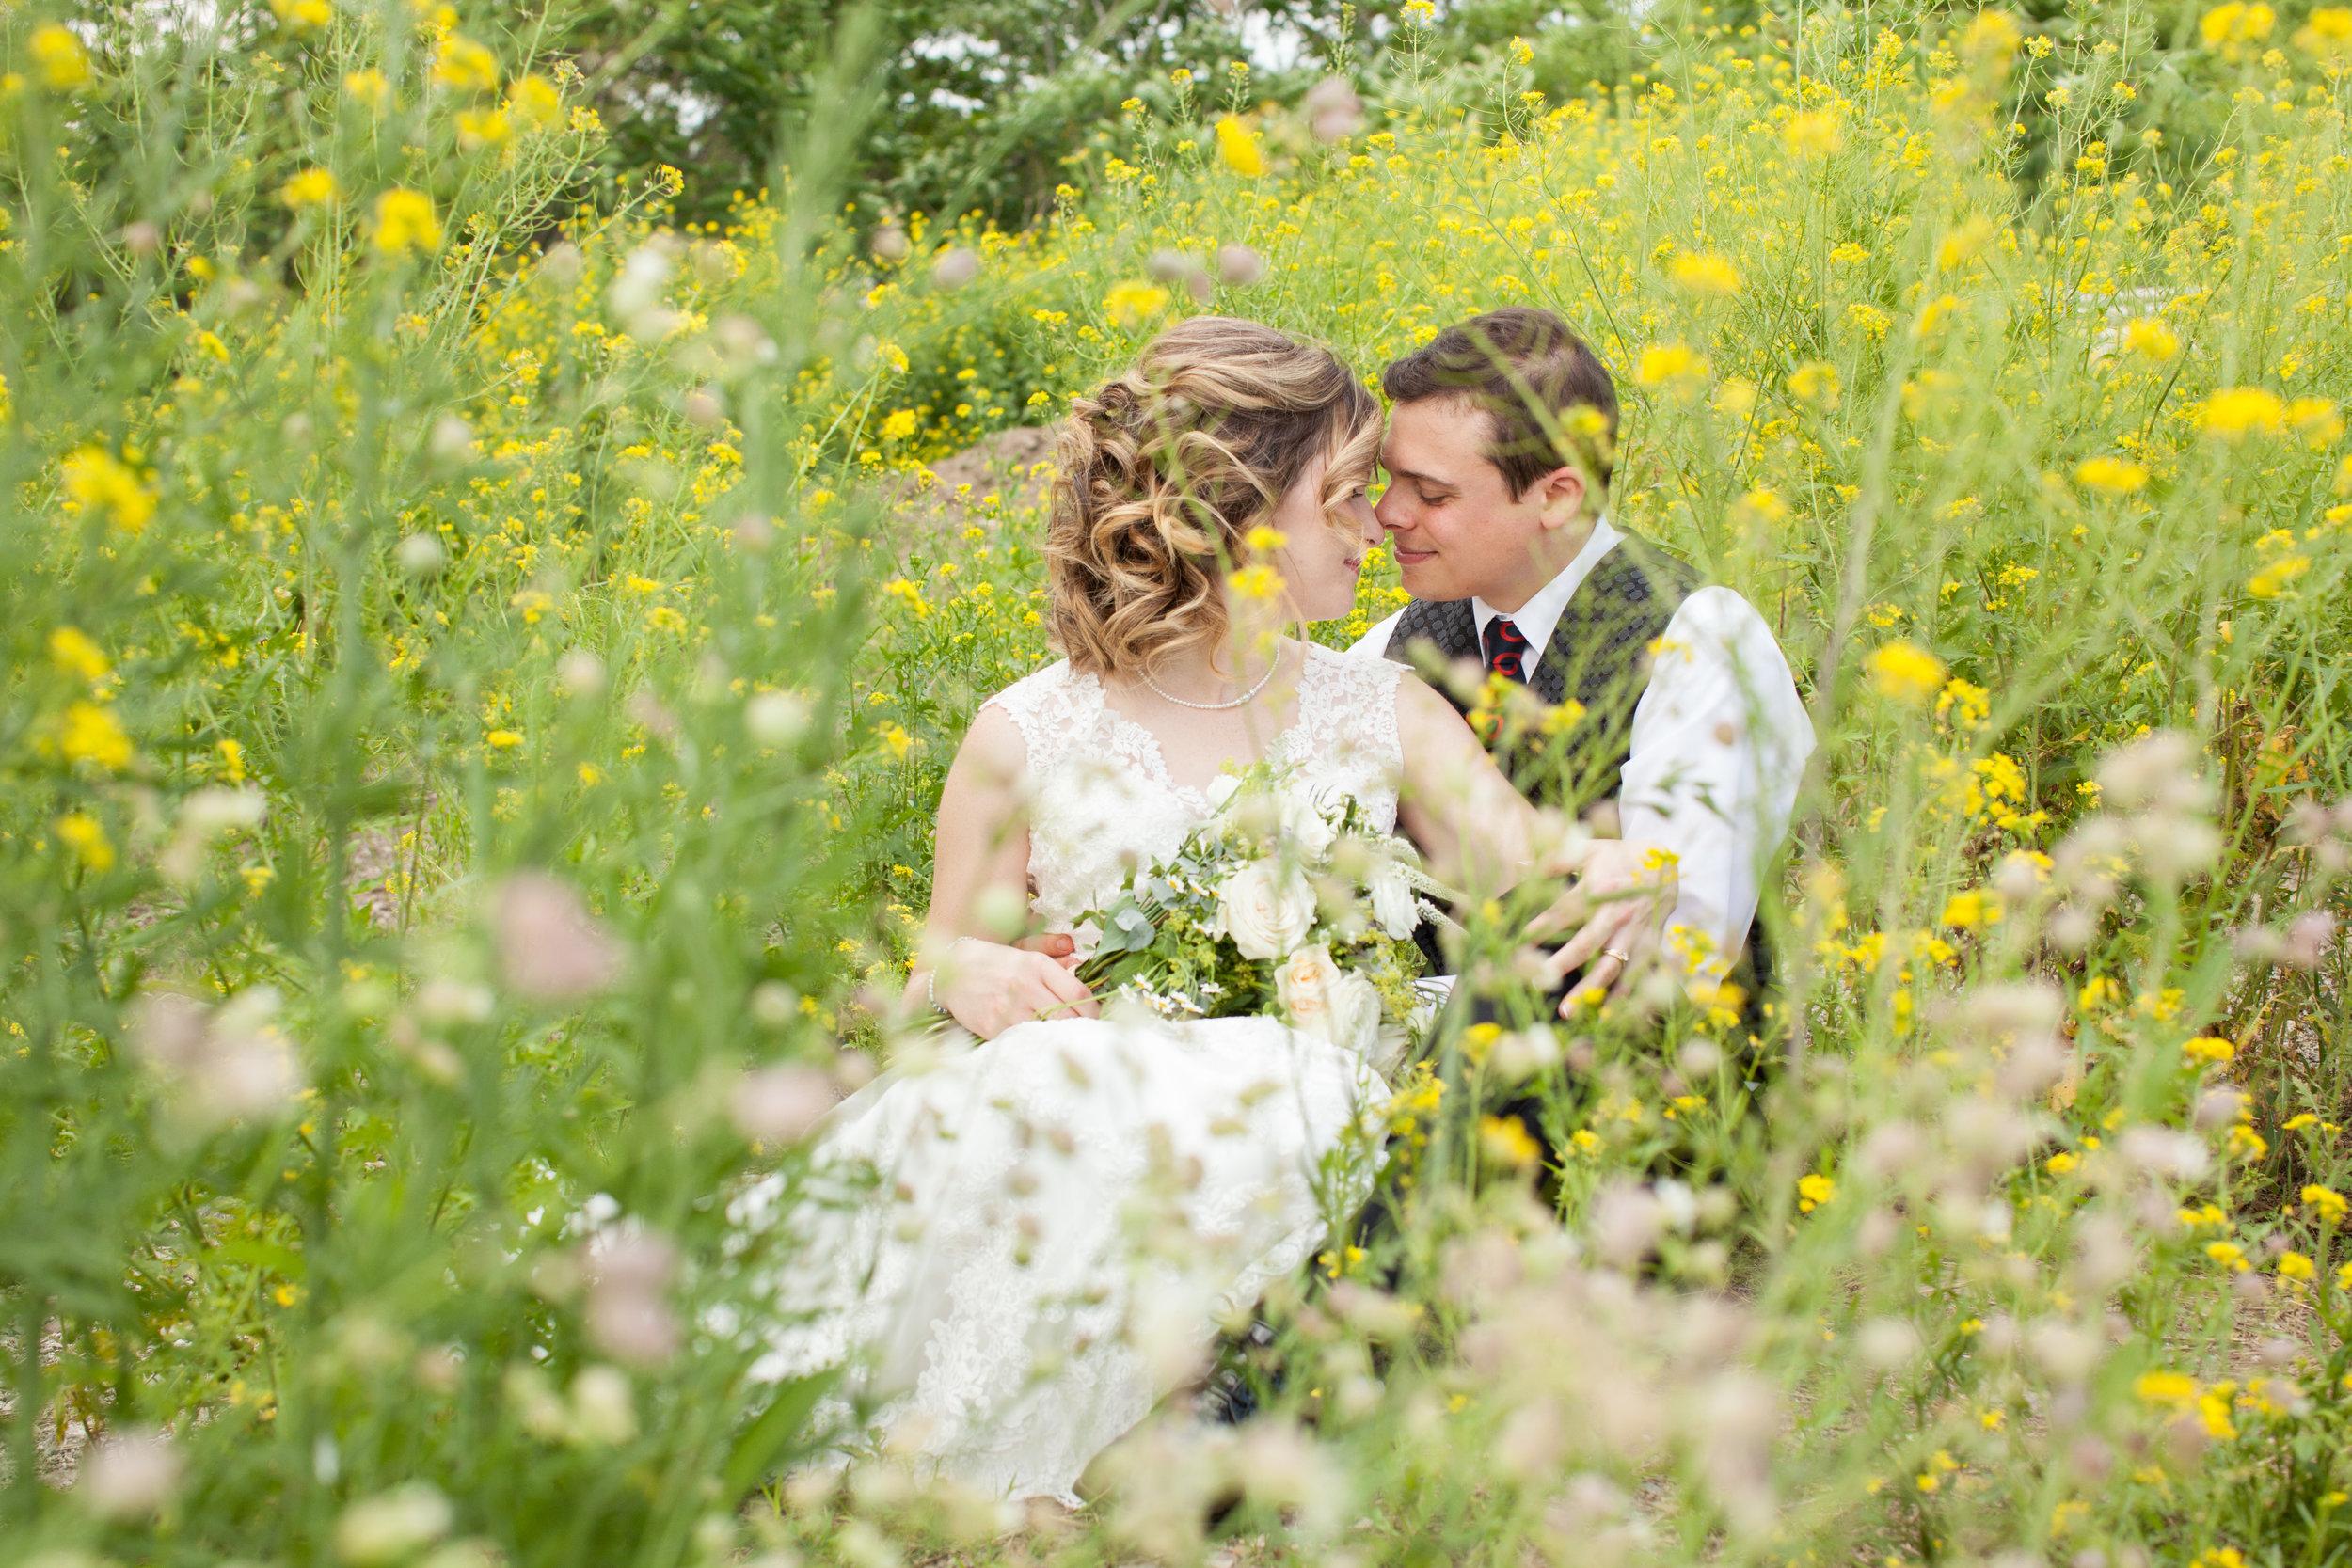 Bride and groom in the flowers.jpg